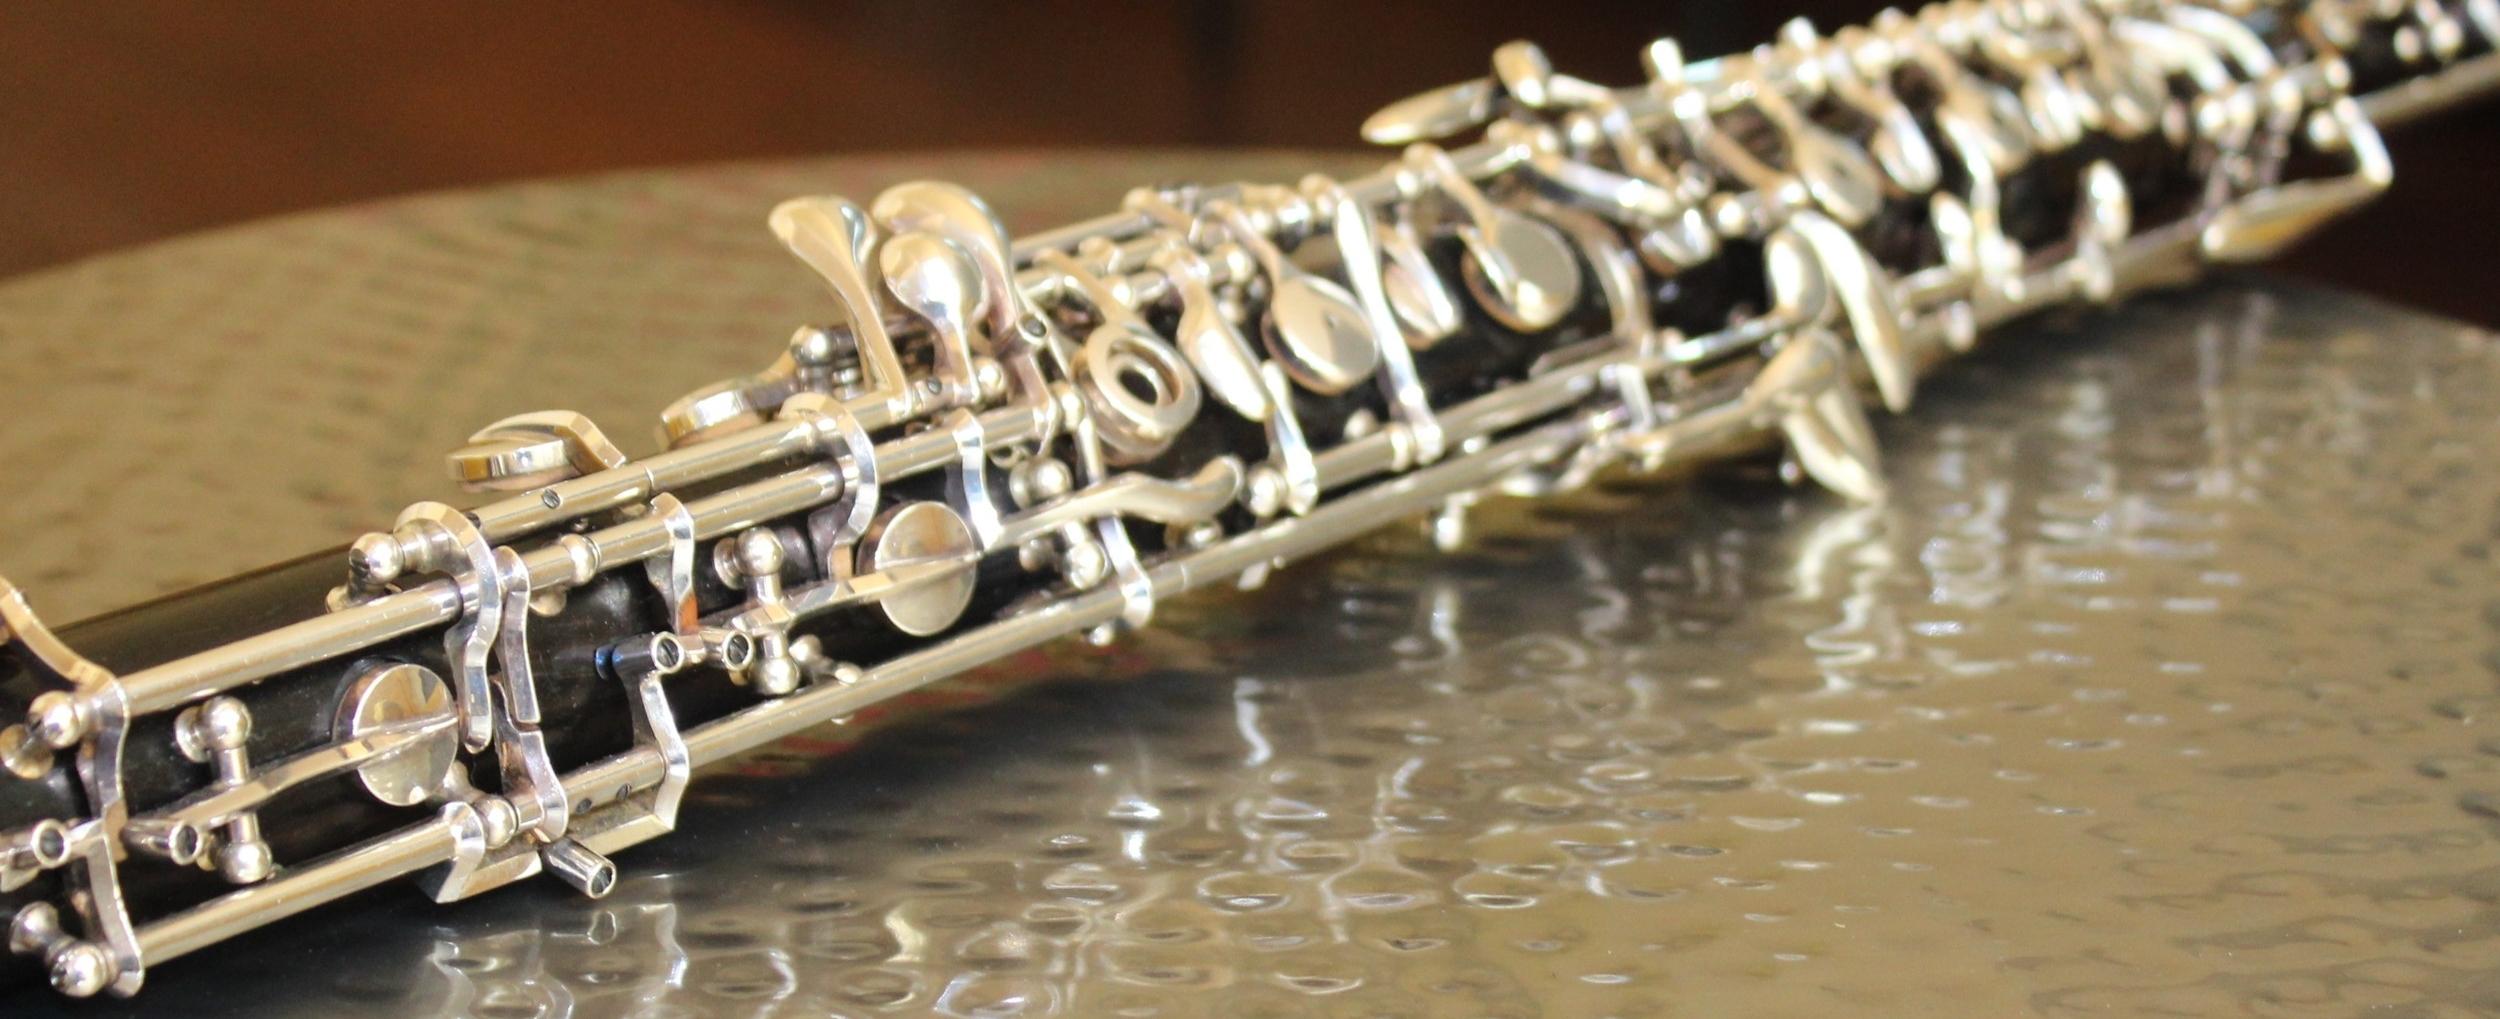 Mrs. Lieser's Prized Oboe